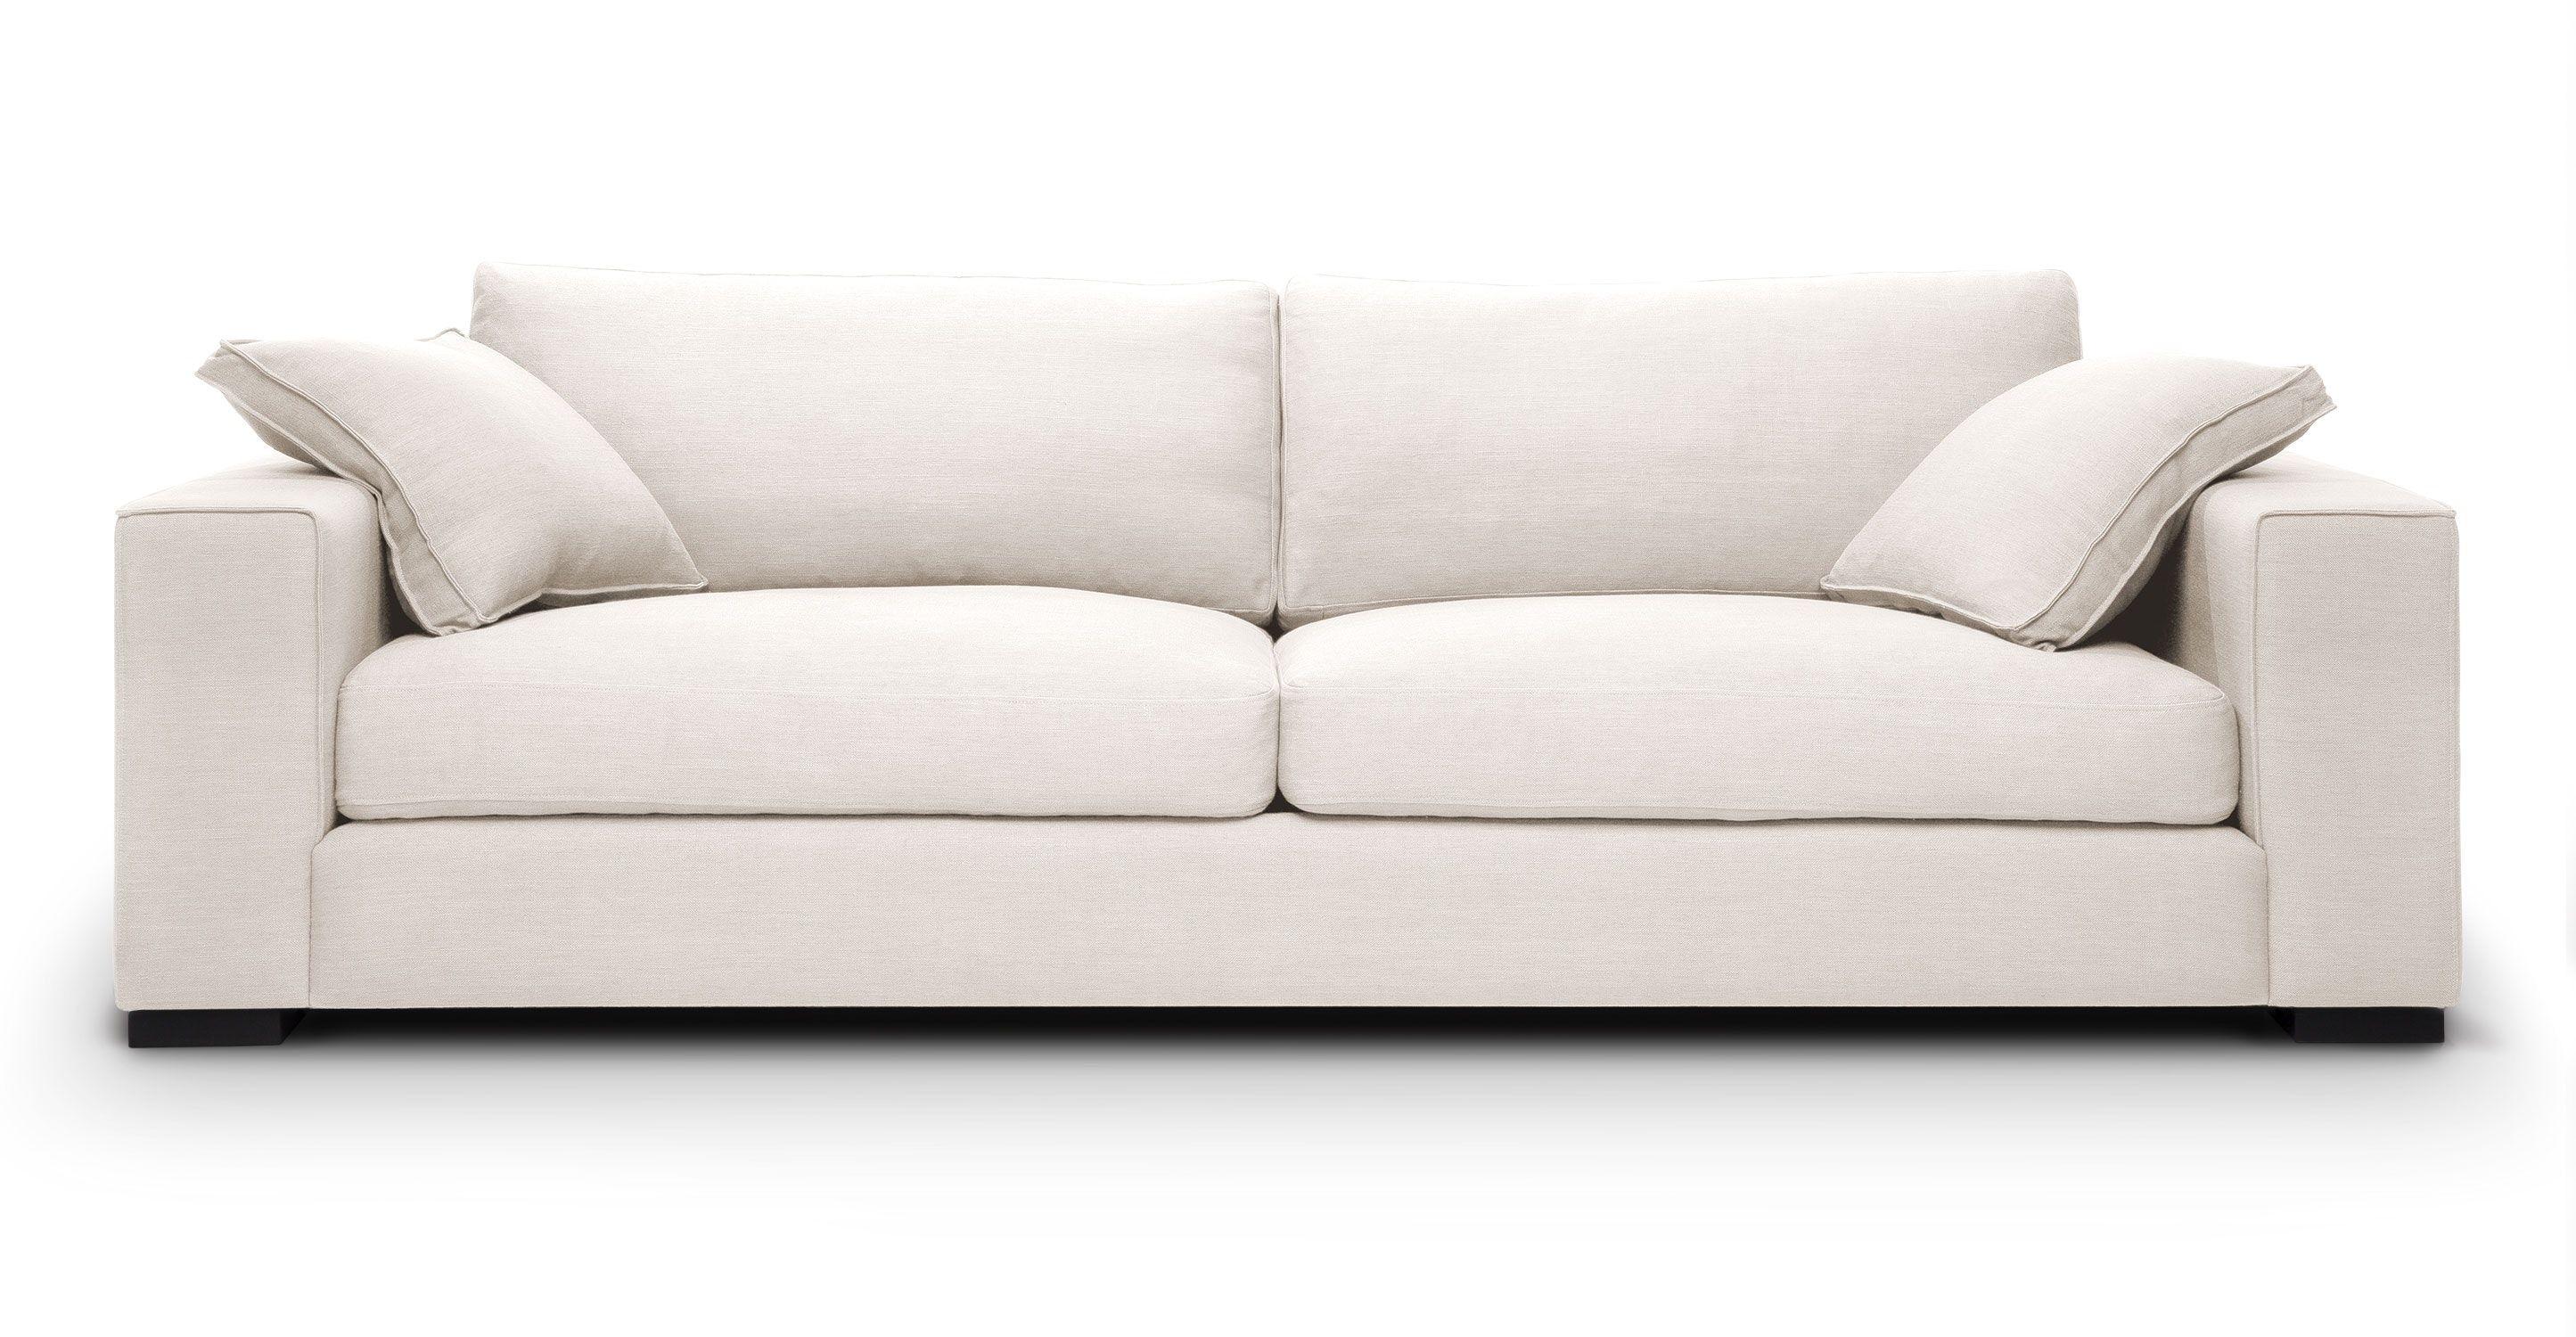 Sitka Quartz White Sofa Cube Quartz White